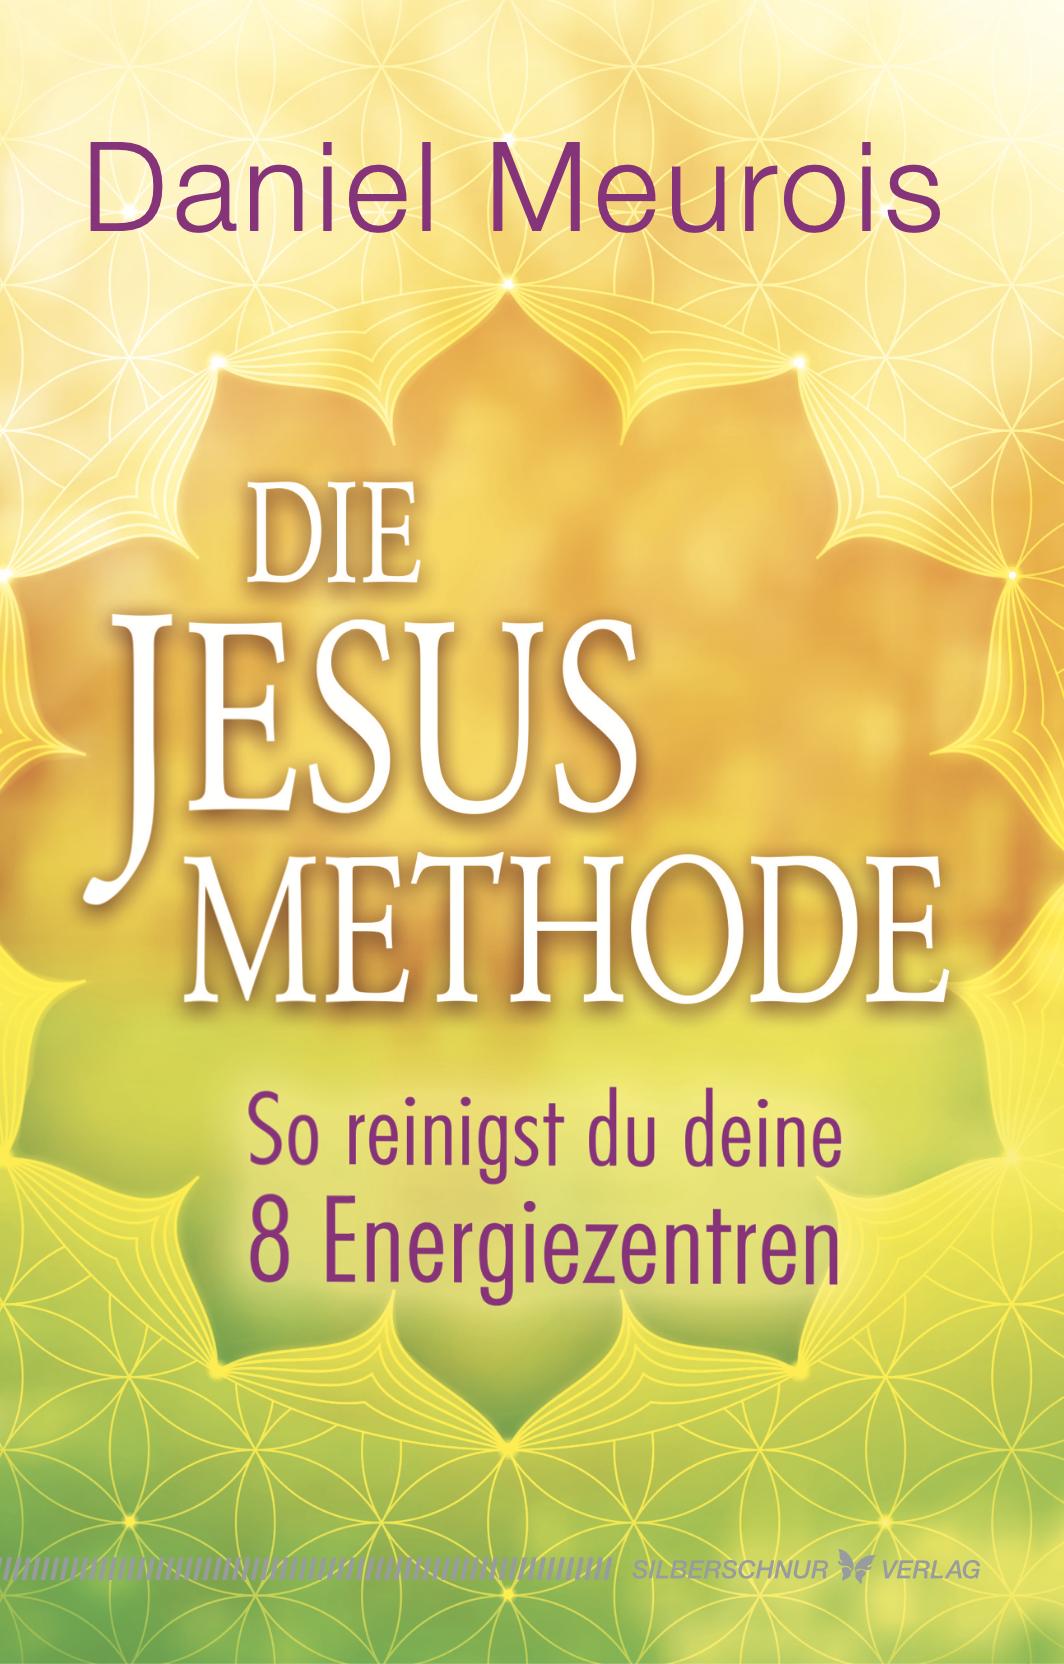 Die Jesus Methode